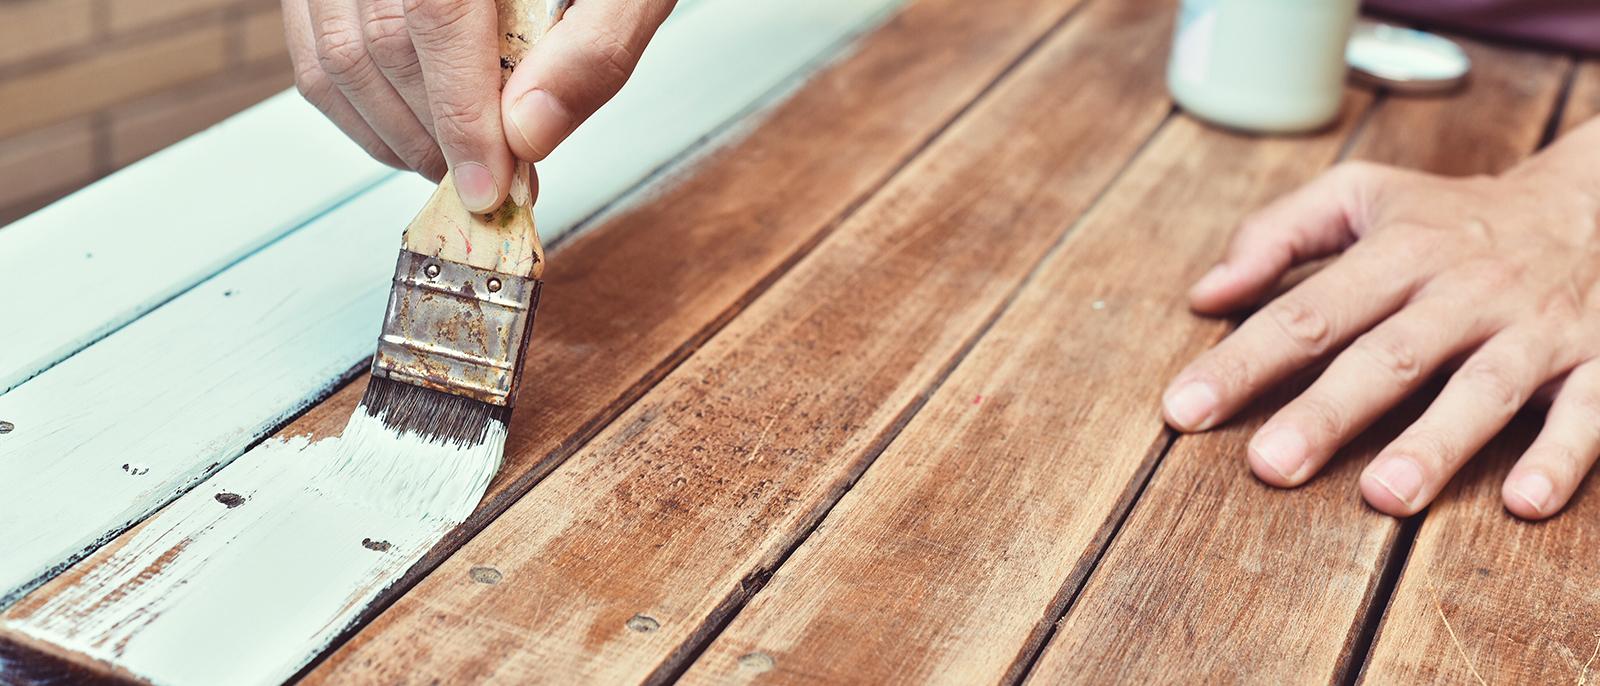 qfp sur la peinture le lasurage et le laquage des meubles de jardin. Black Bedroom Furniture Sets. Home Design Ideas